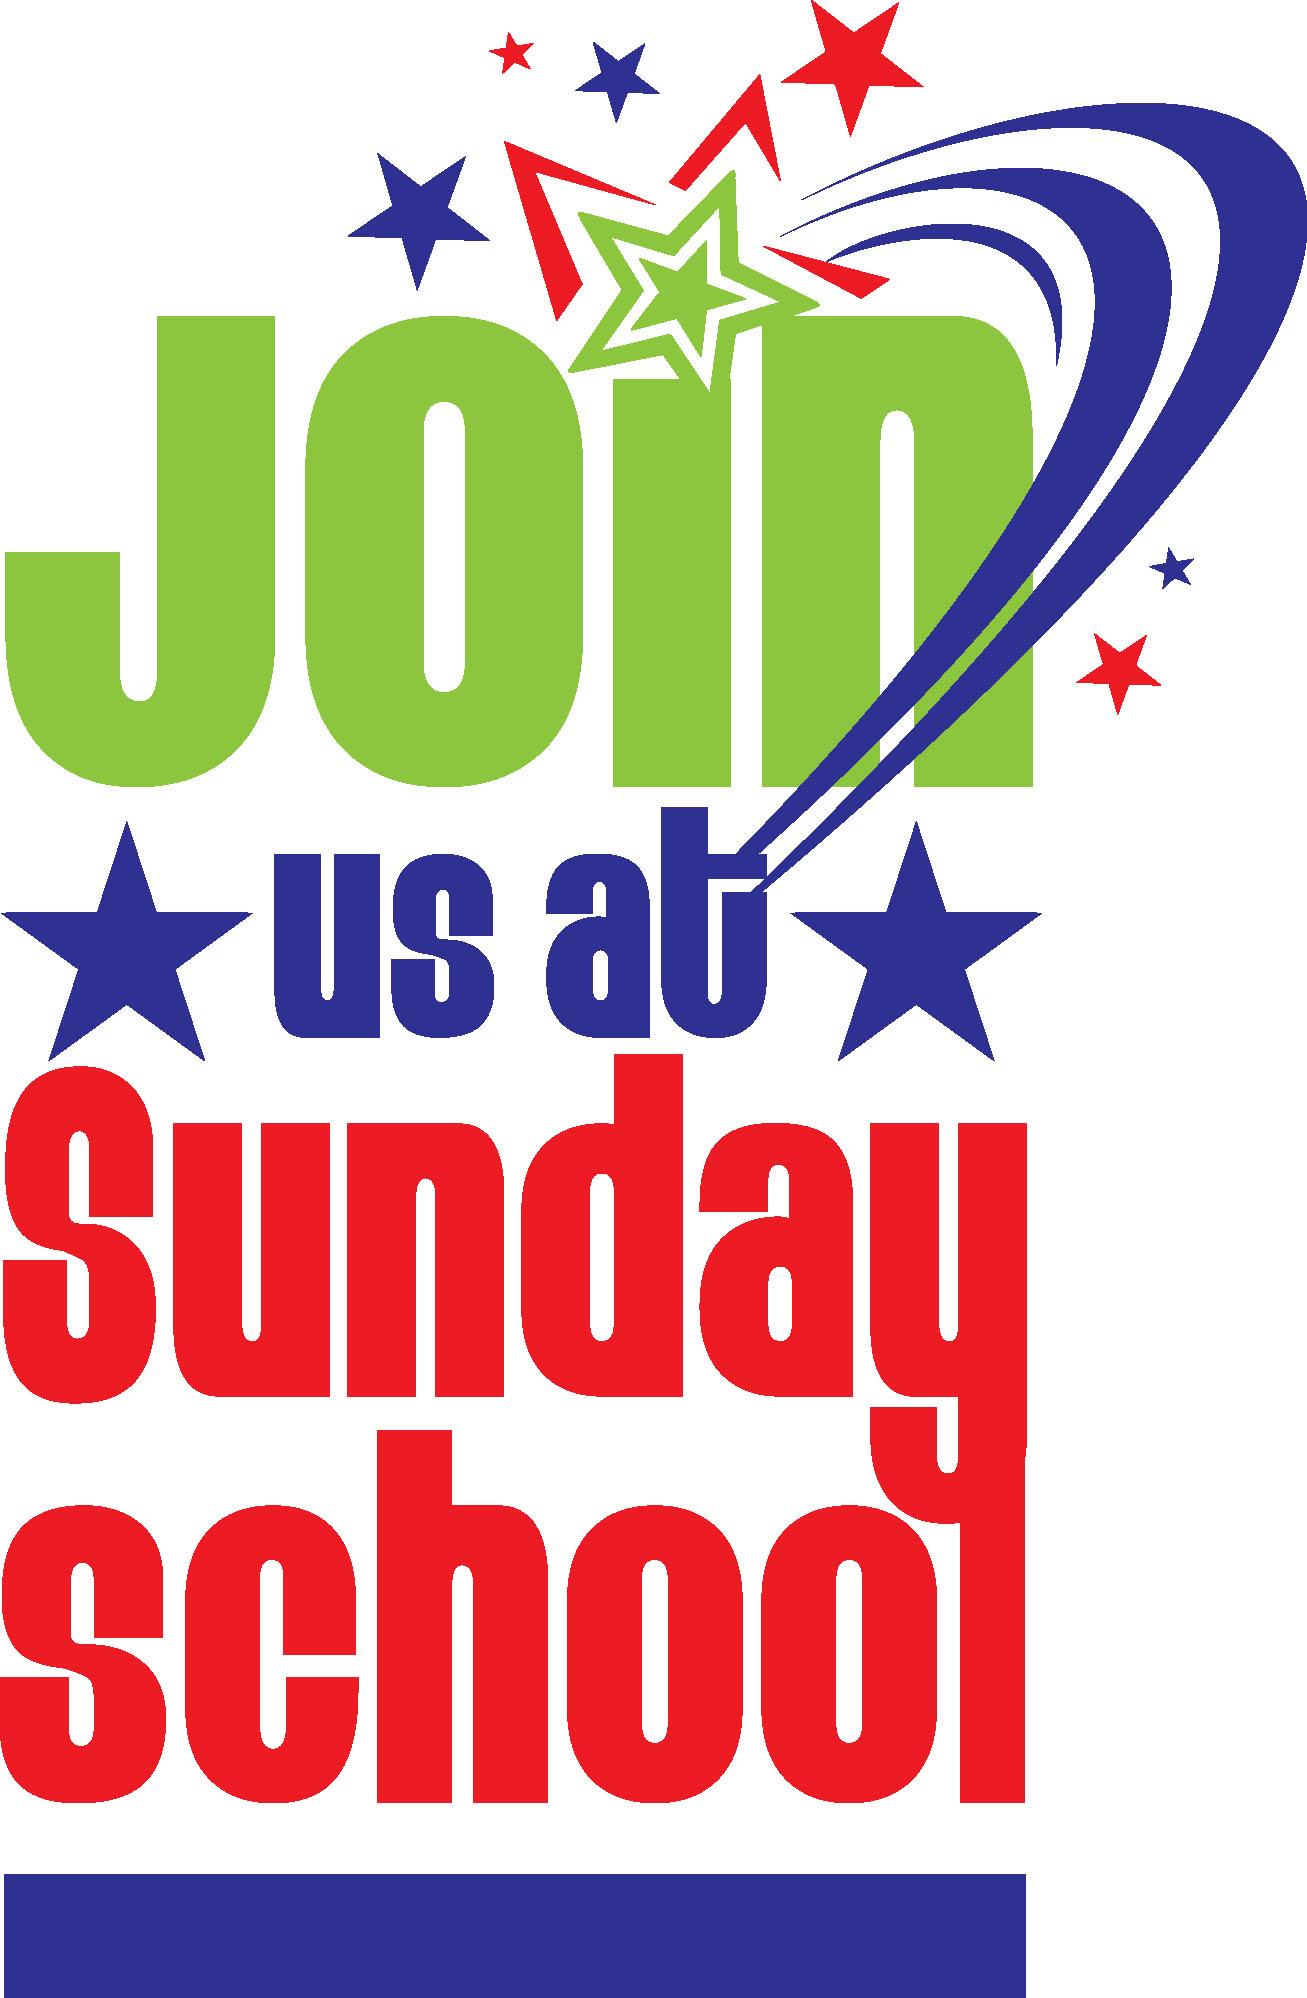 1307x1998 Sunday School Volunteer Clipart